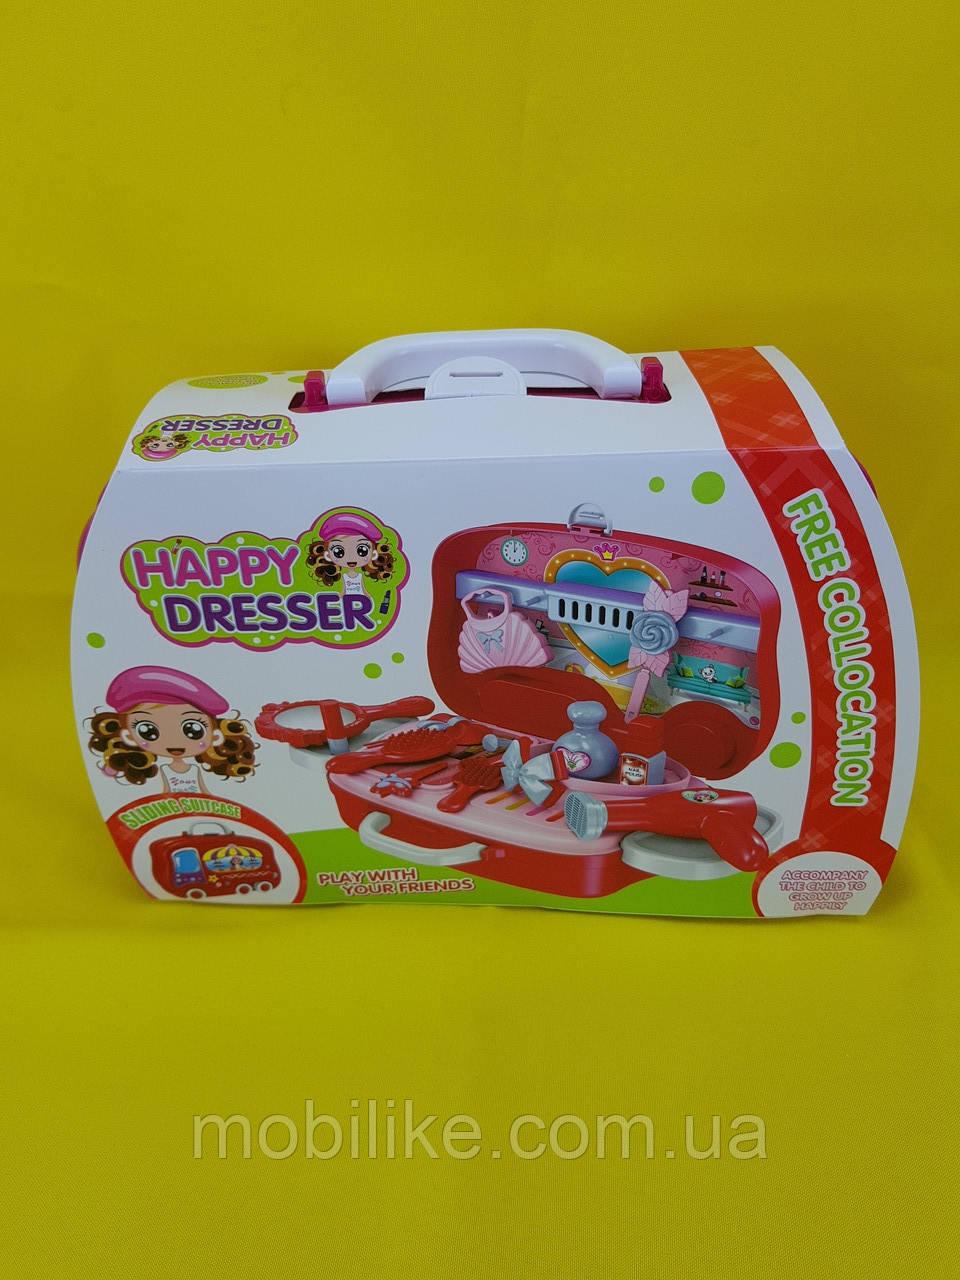 Увлекающий набор для макияжа детский с выдвижным чемоданчиком